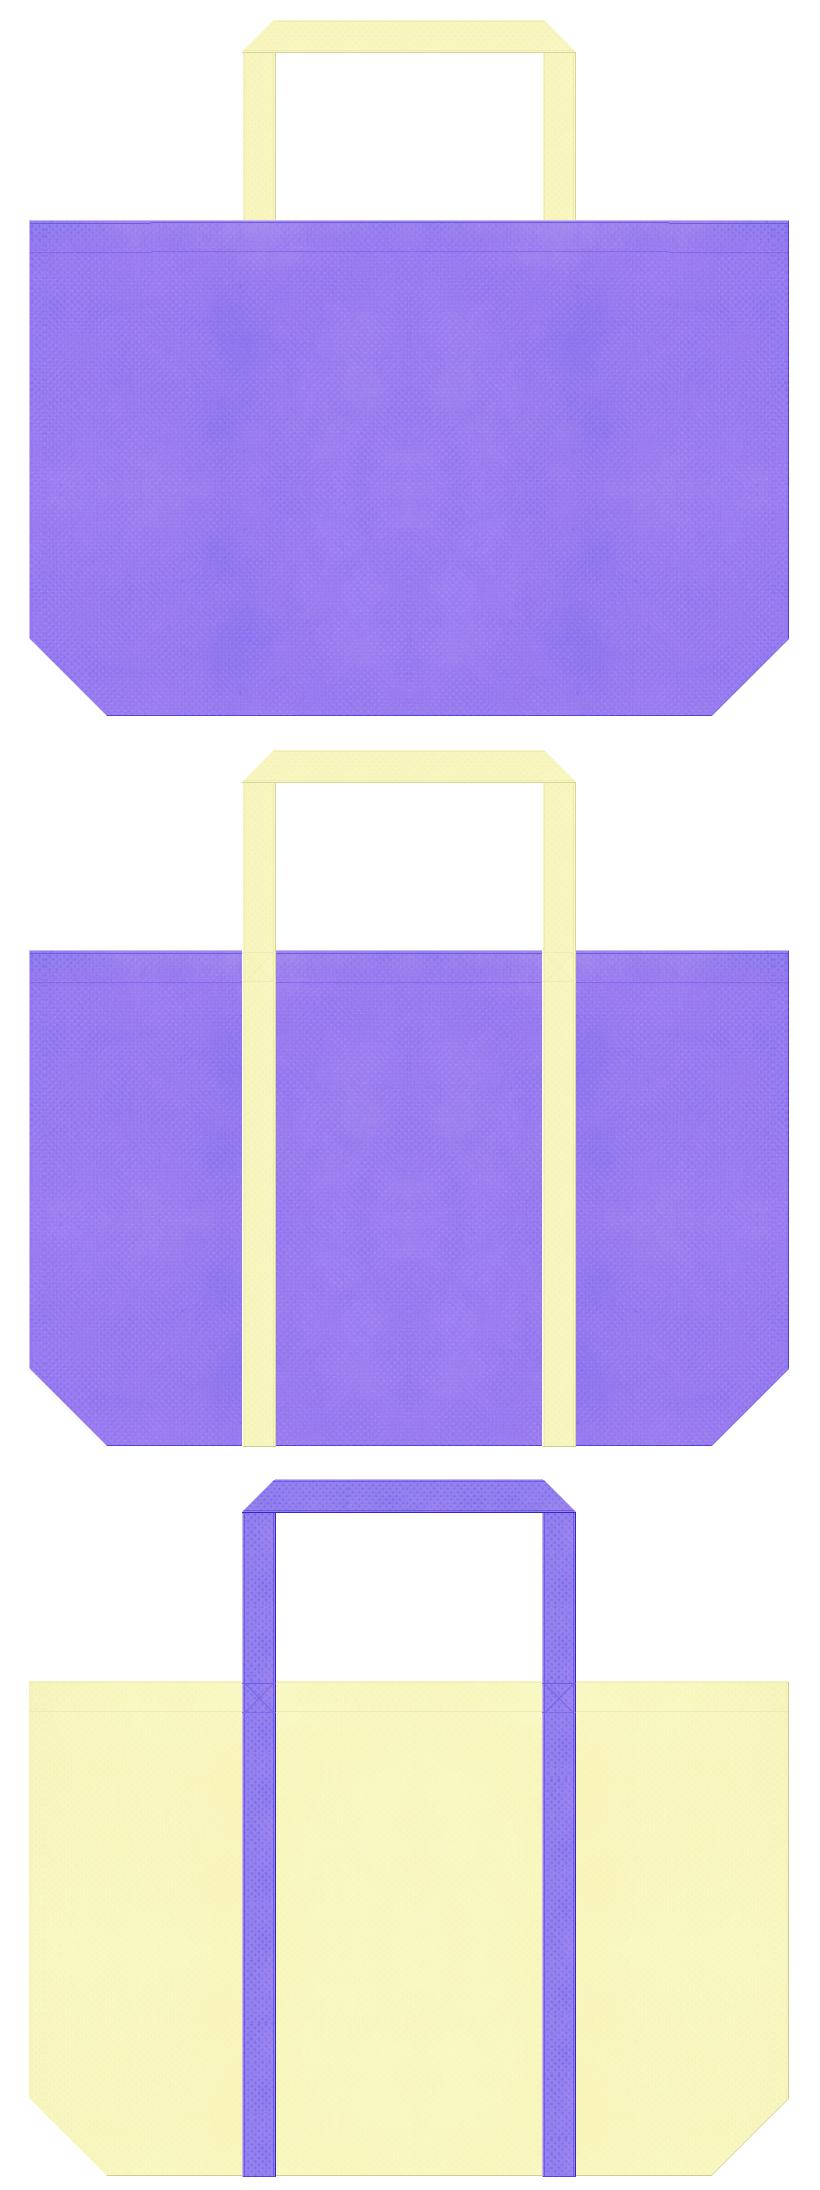 薄紫色と薄黄色の不織布バッグデザイン。福祉用具・介護用品のショッピングバッグにお奨めです。